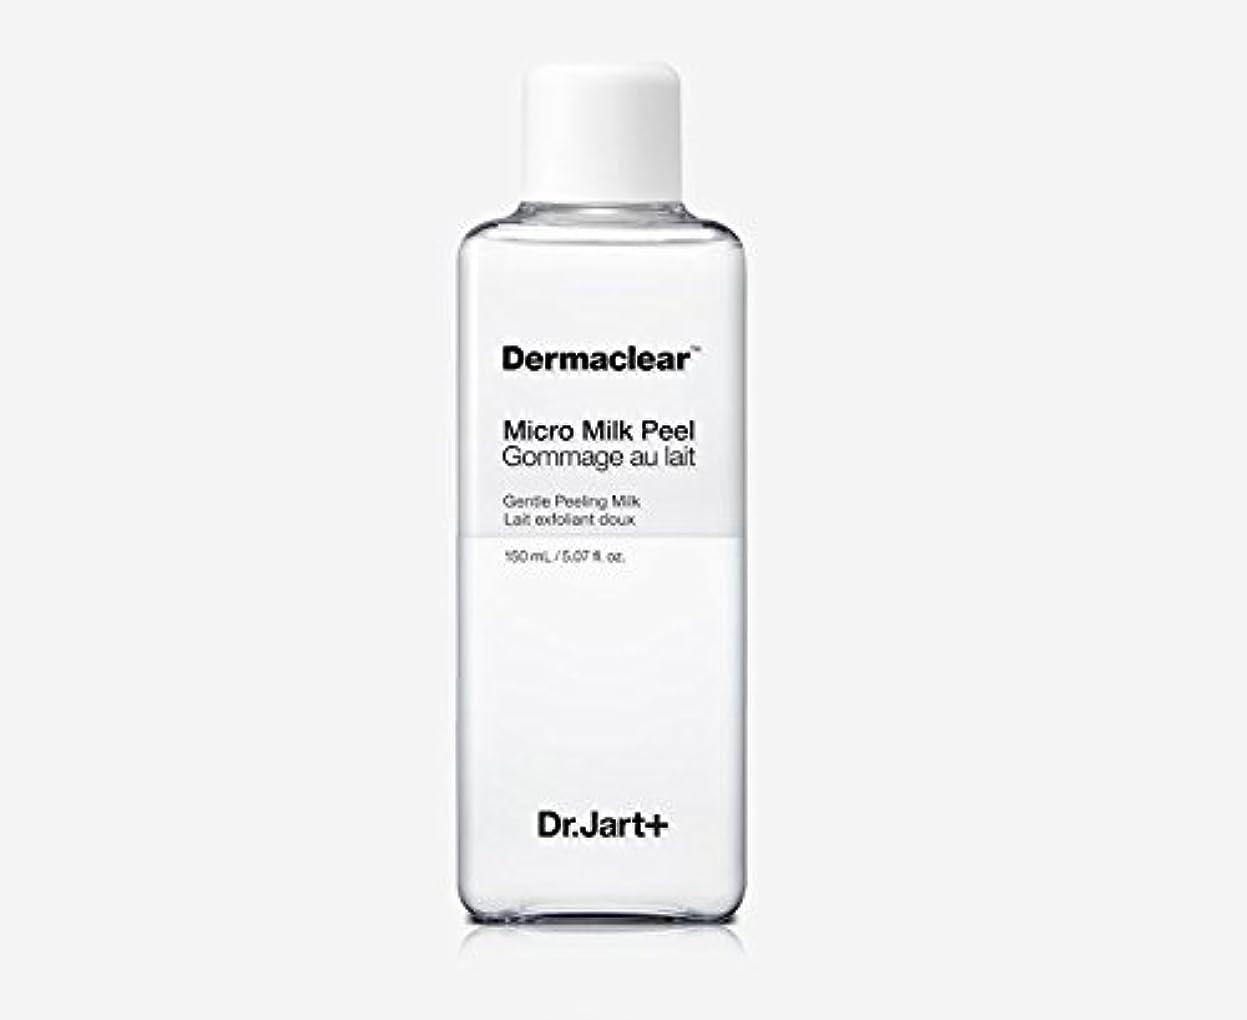 集団的限られた専門化する[ドクタージャルト]Dermaclear Micro Milk Peel 150ml/[ドクタージャルト]ダーマクリアマイクロミルクピール150ml [並行輸入品]